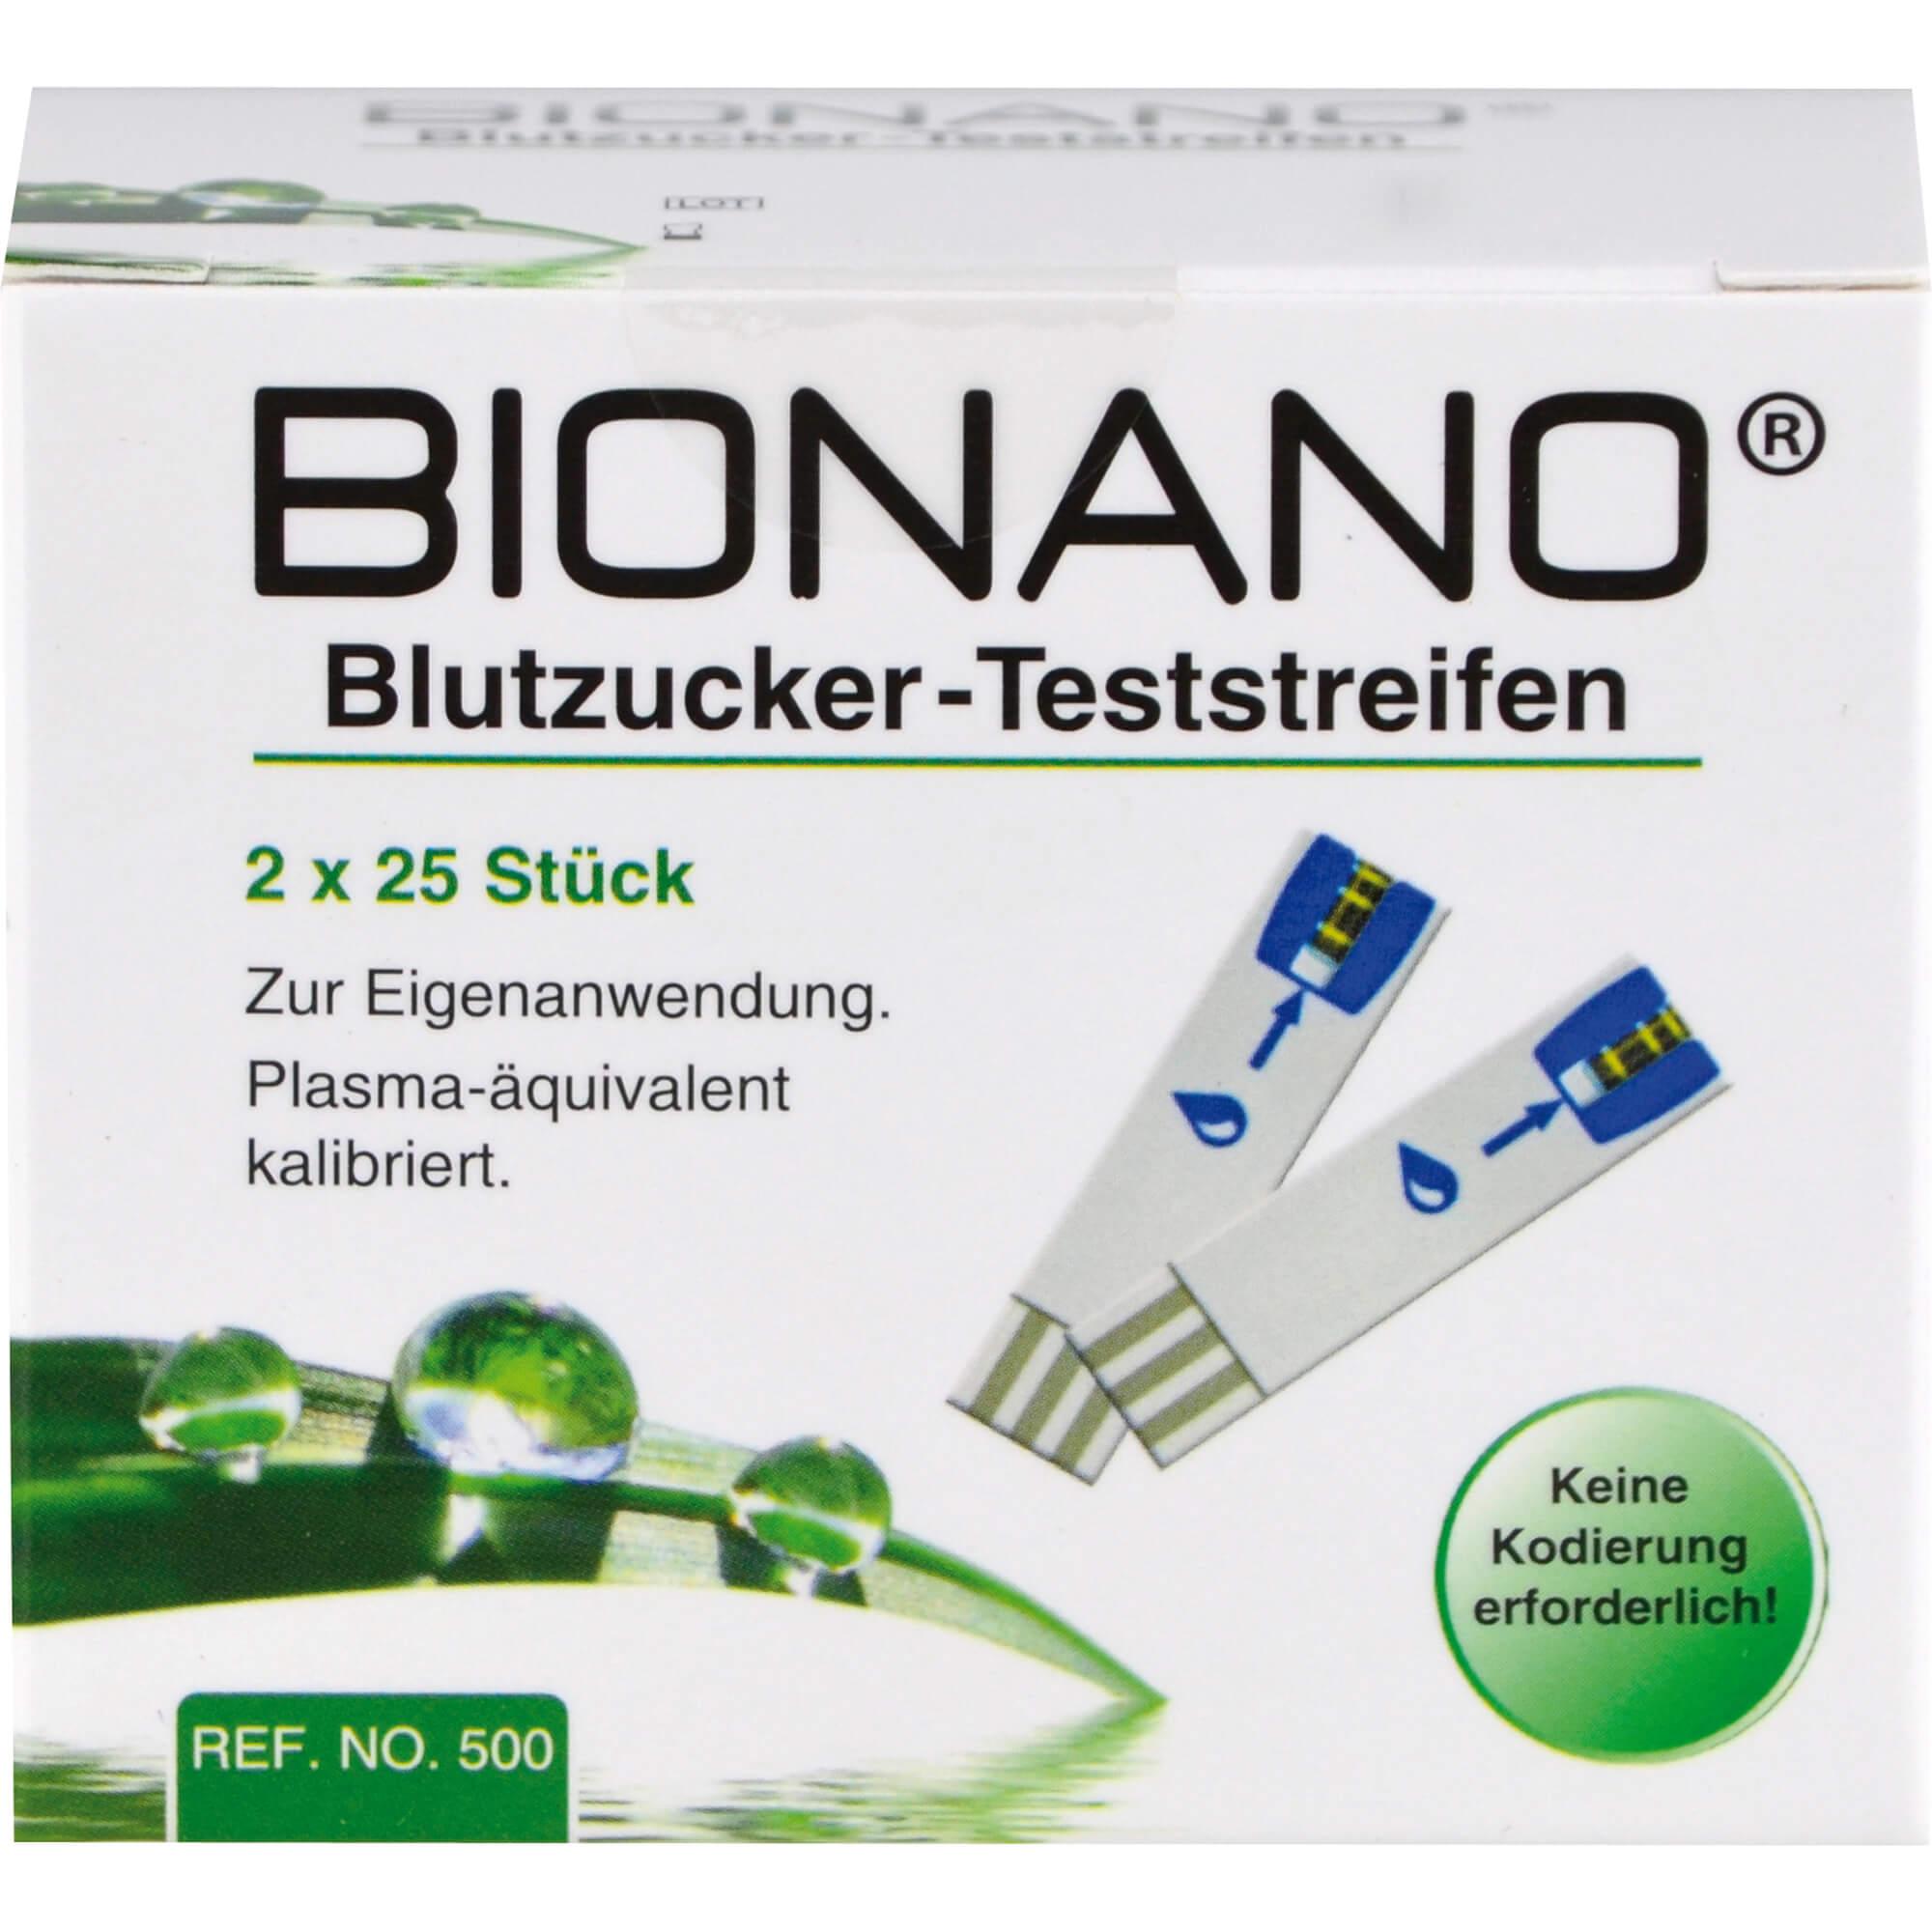 BIONANO Blutzucker-Teststreifen